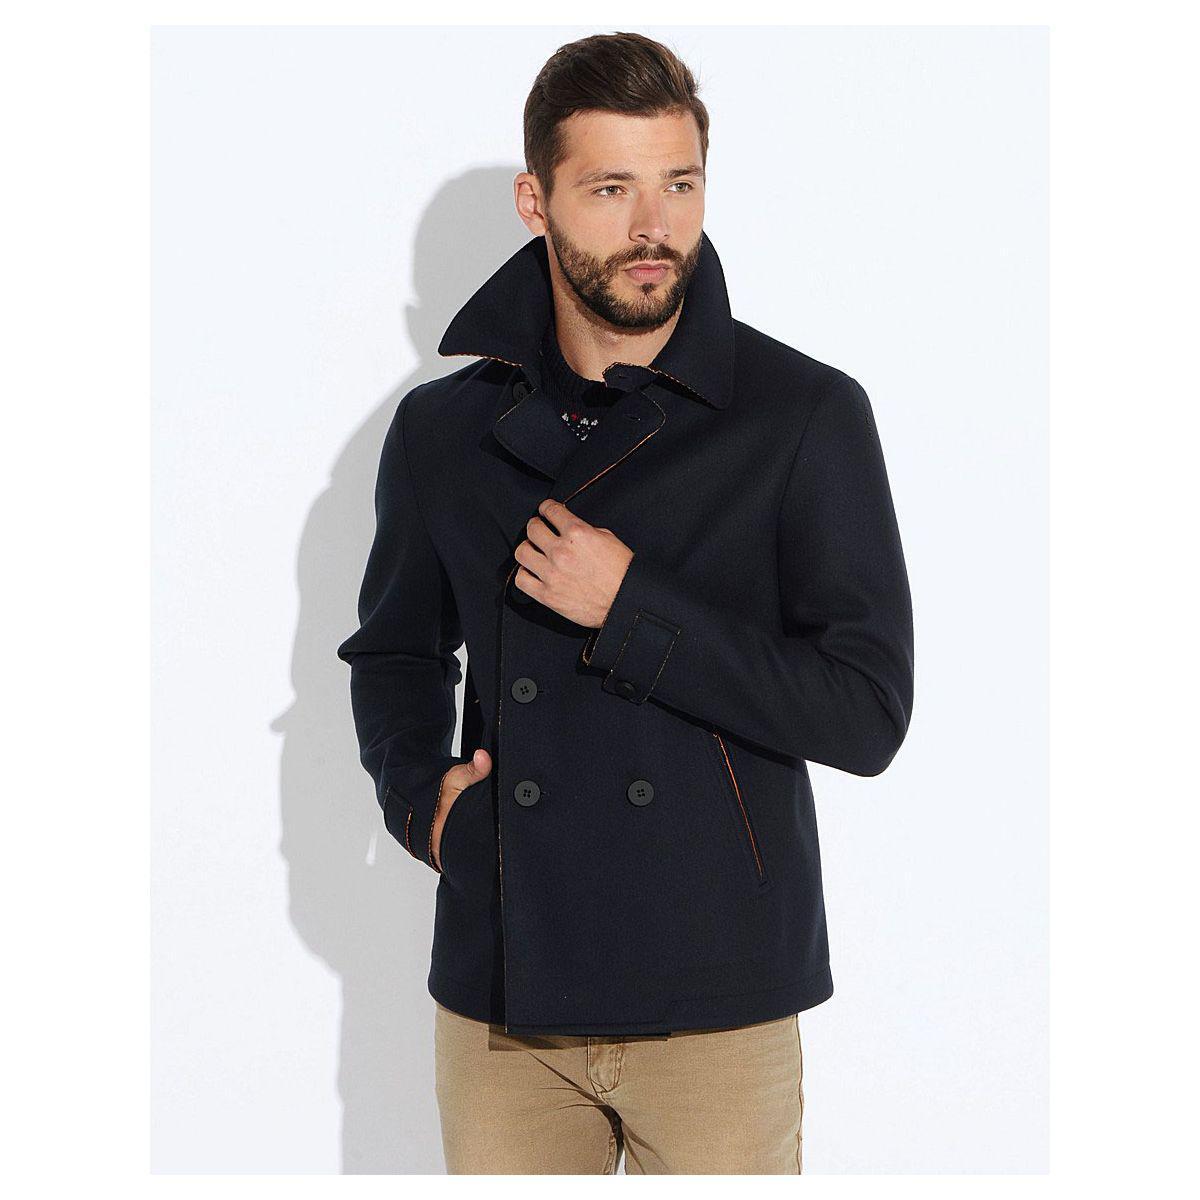 Пальто мужское Geox M5415C DK NAVY LT CARROT - Магазин распродаж  SuperStock.com. e86c635ee0d6c